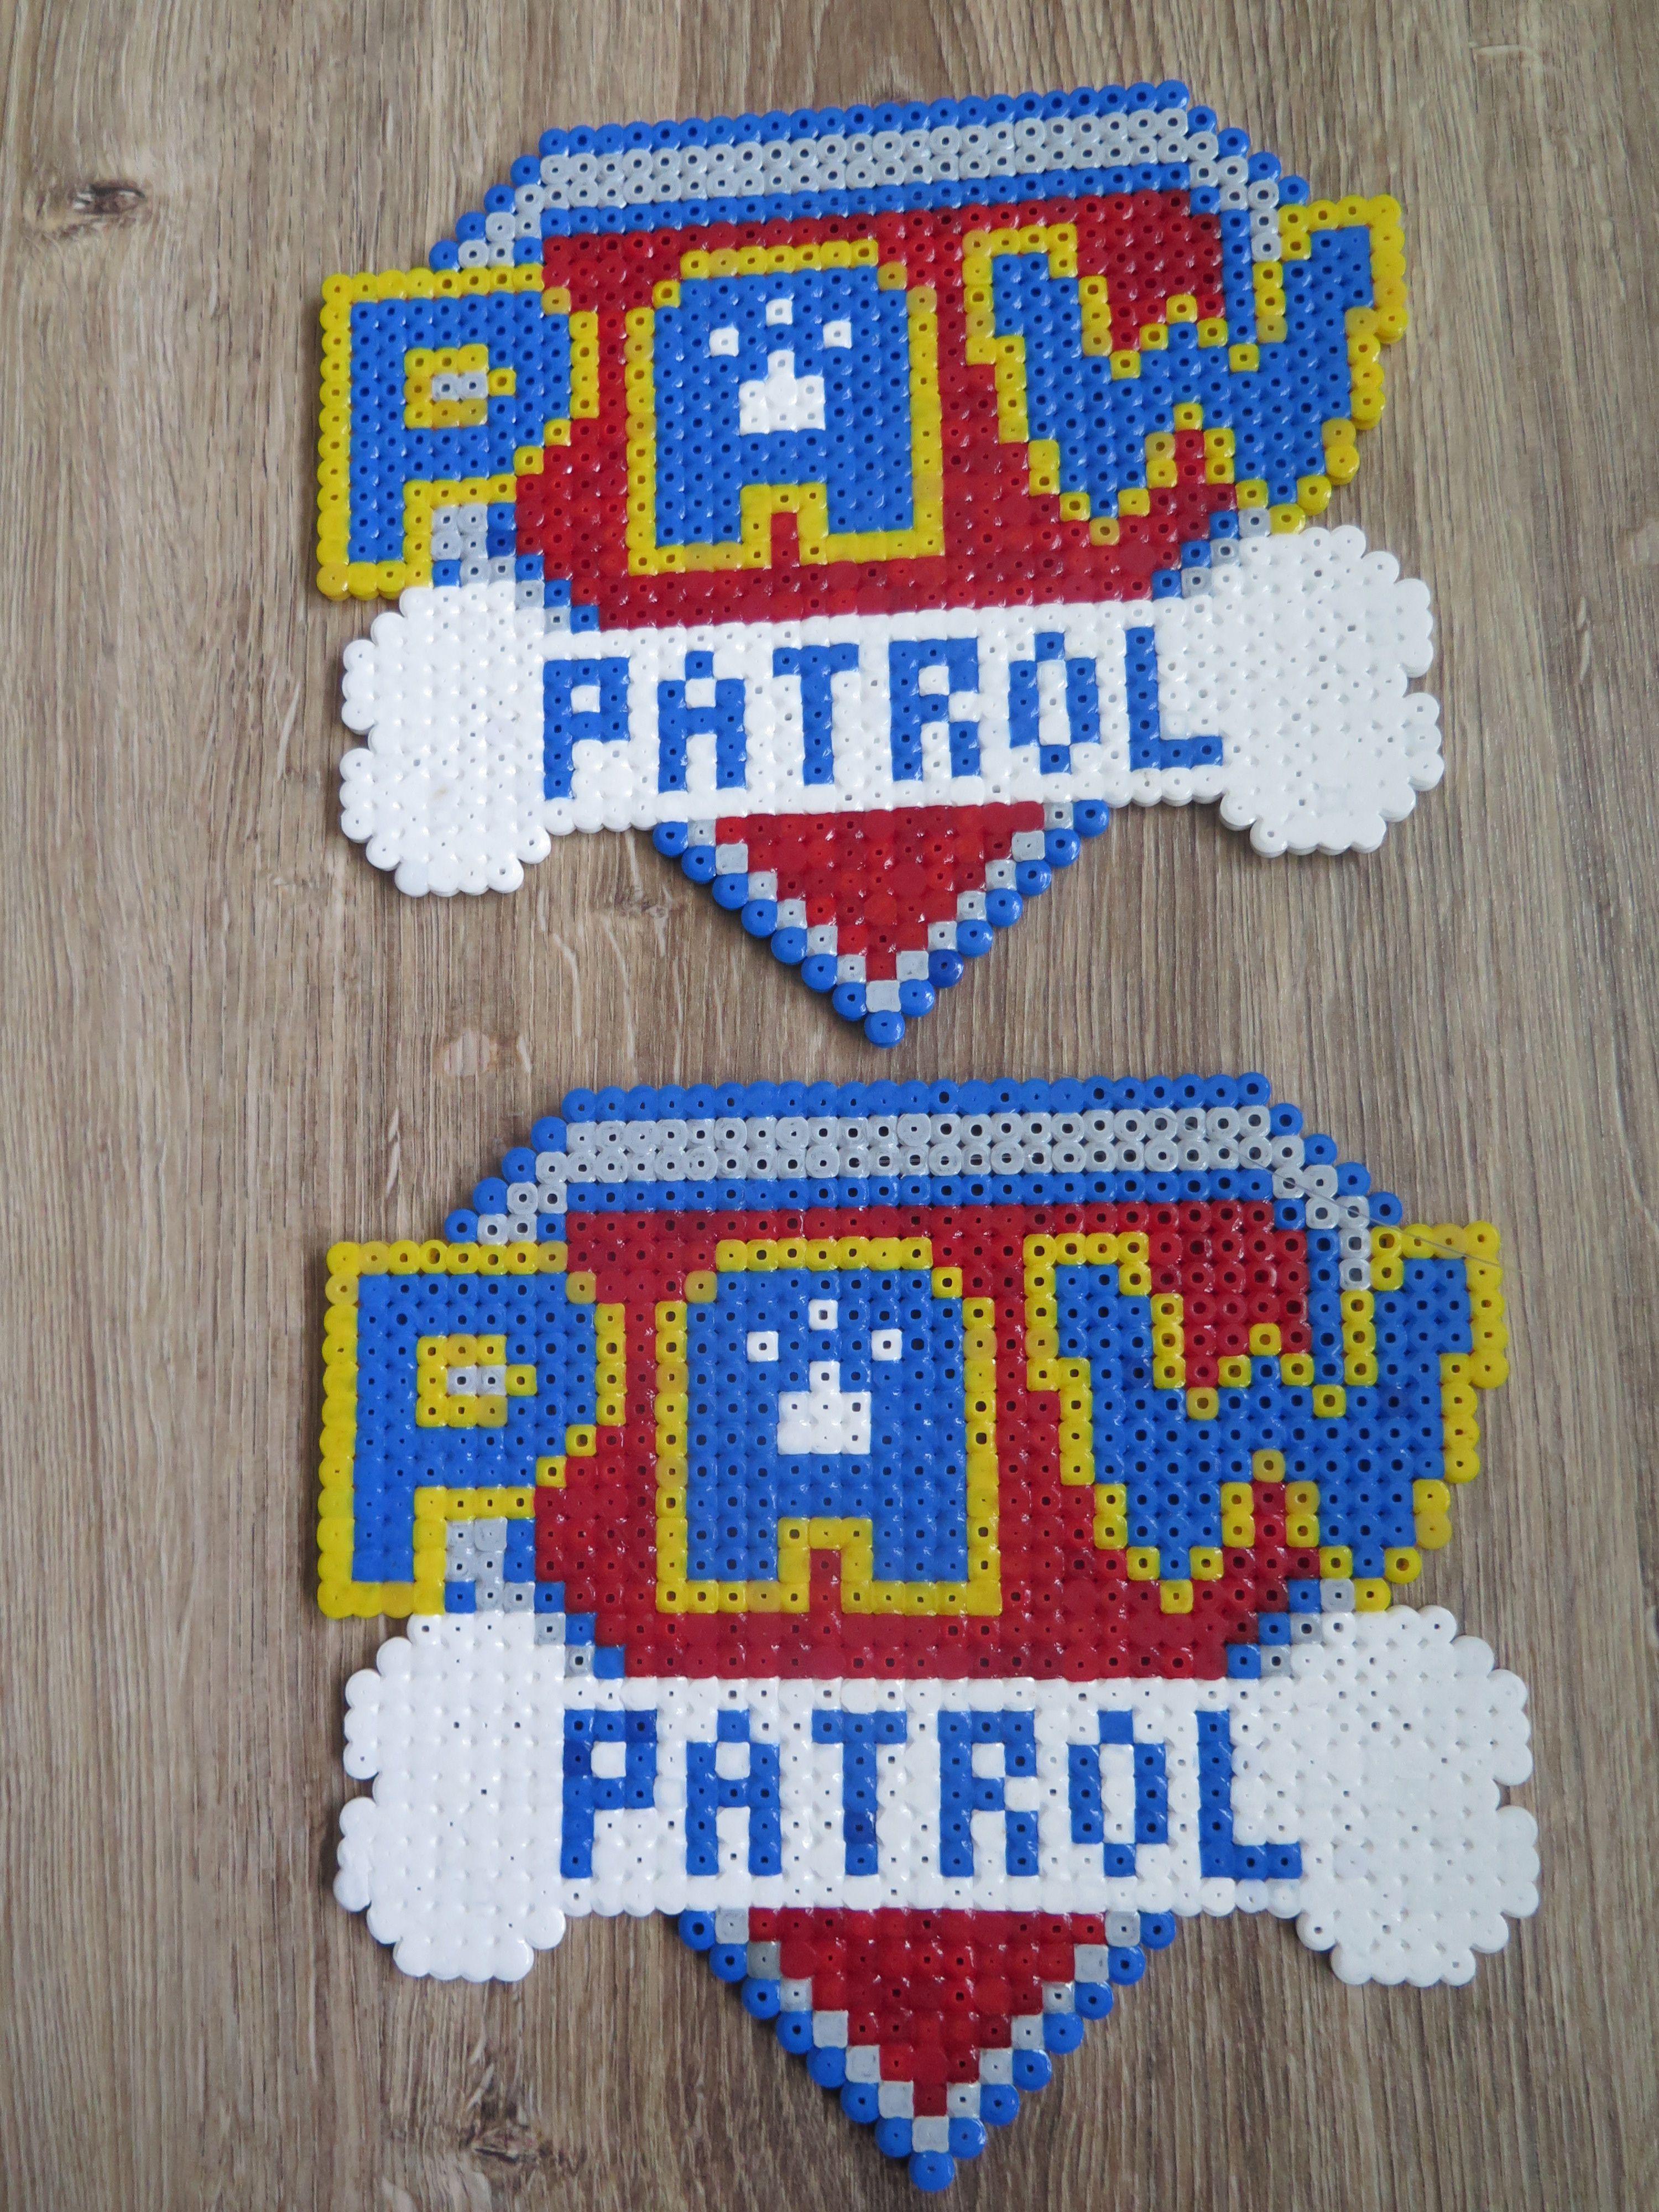 Nickelodeon Paw Patrol Meltumz Beads Bugelperlen 5